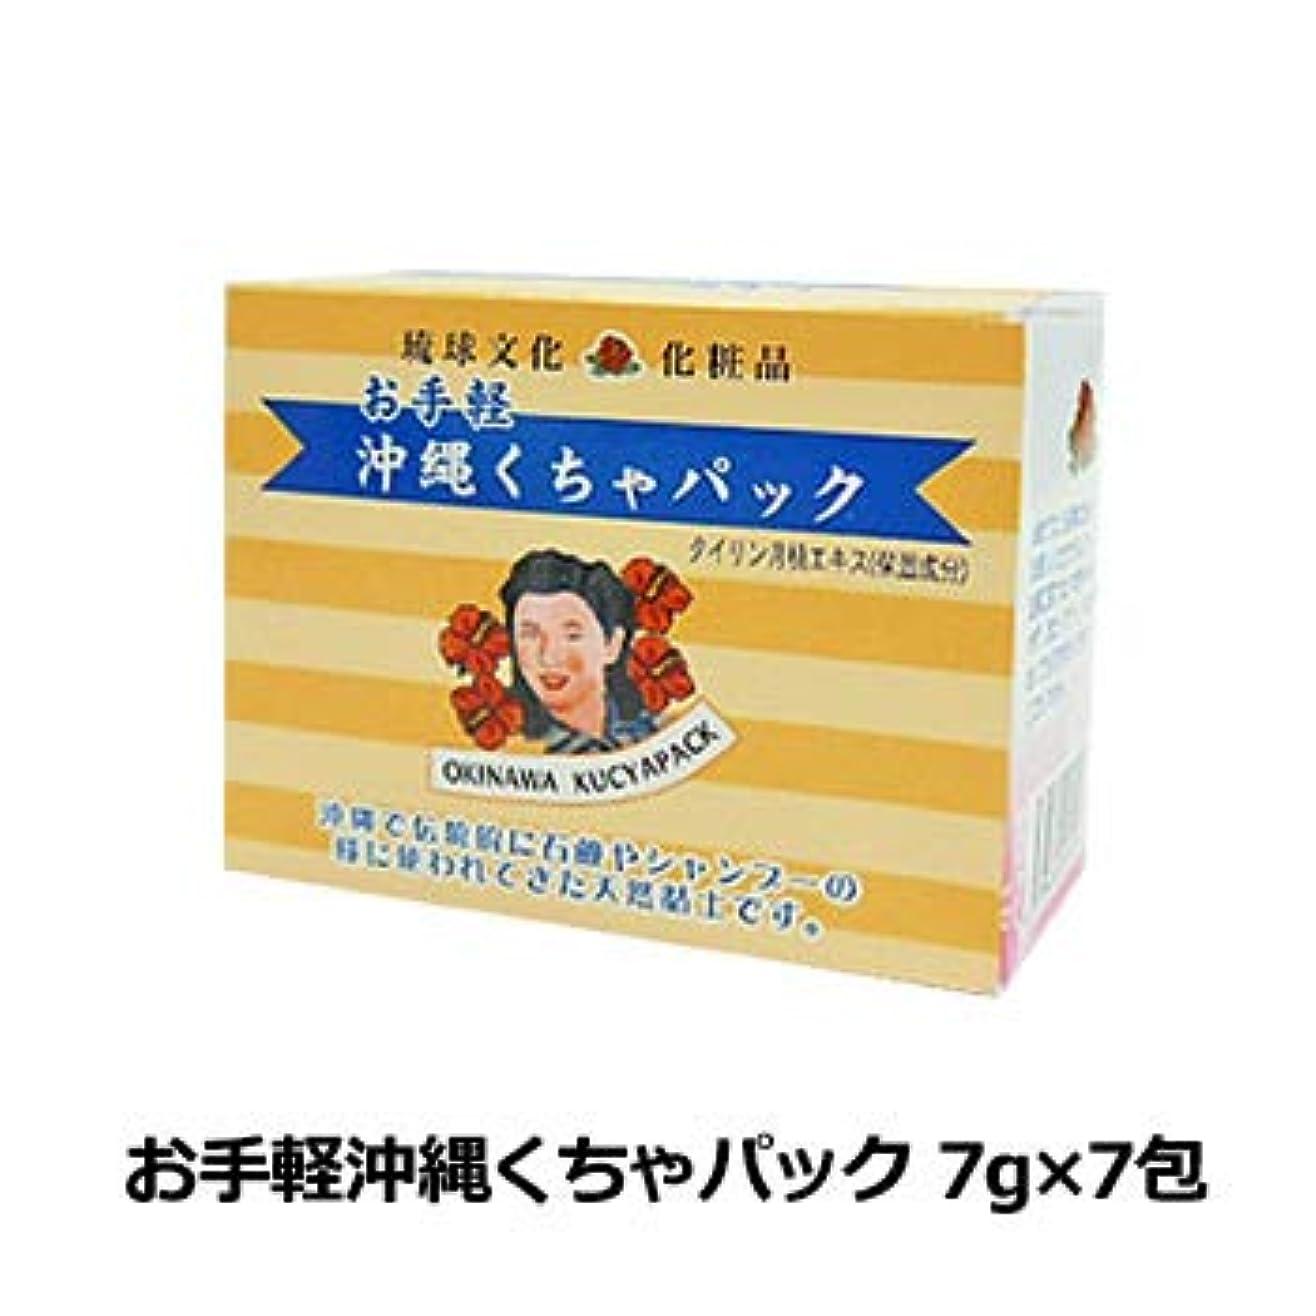 有毒ノーブル強制お手軽沖縄くちゃパック 7g×7包